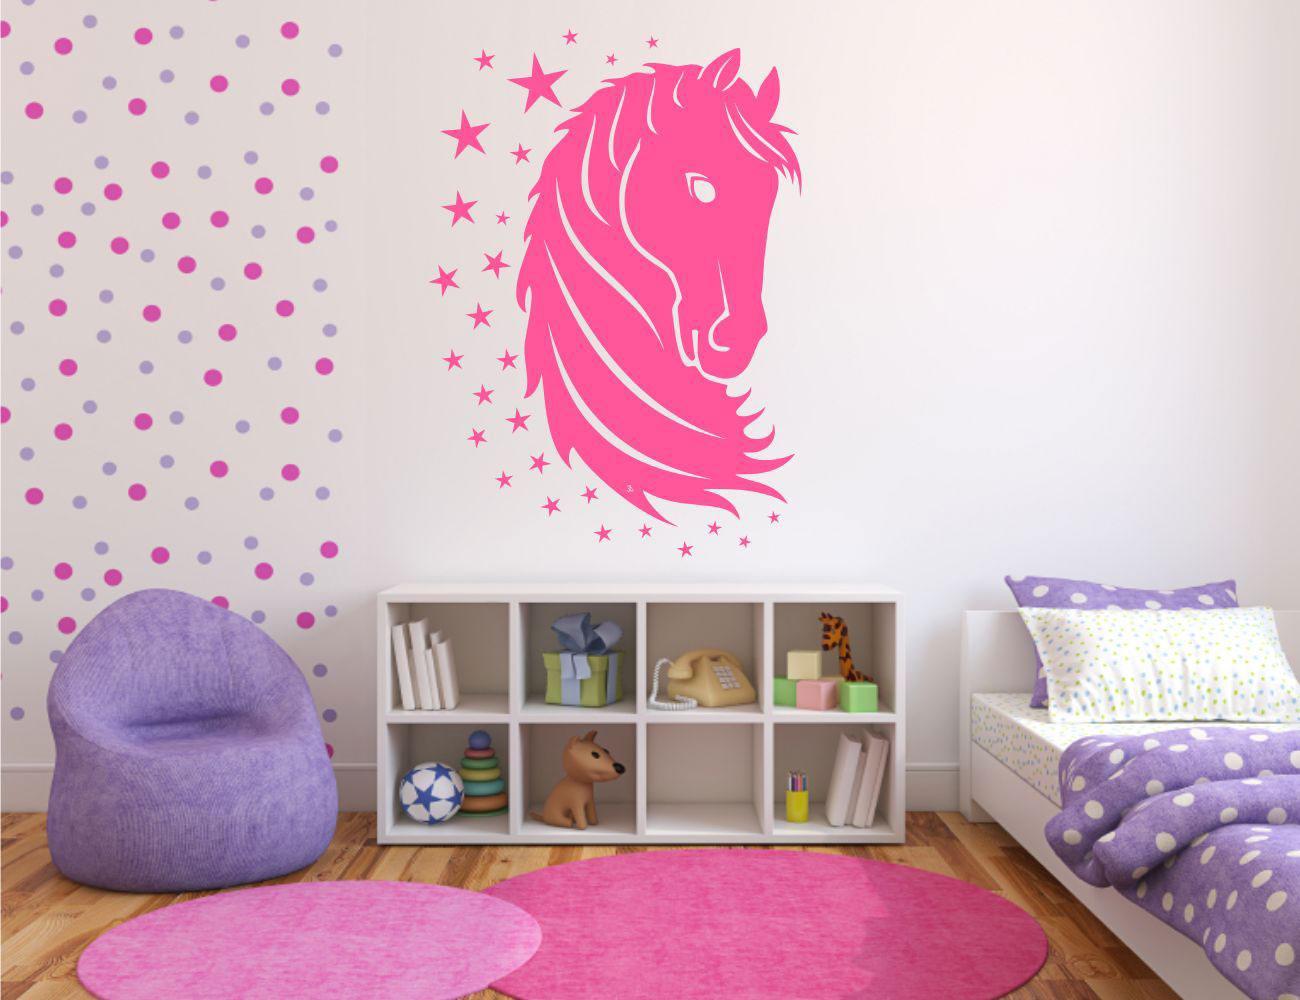 20 desain dinding kamar tidur minimalis kreatif 2018 for Dekor kamar tidur hotel